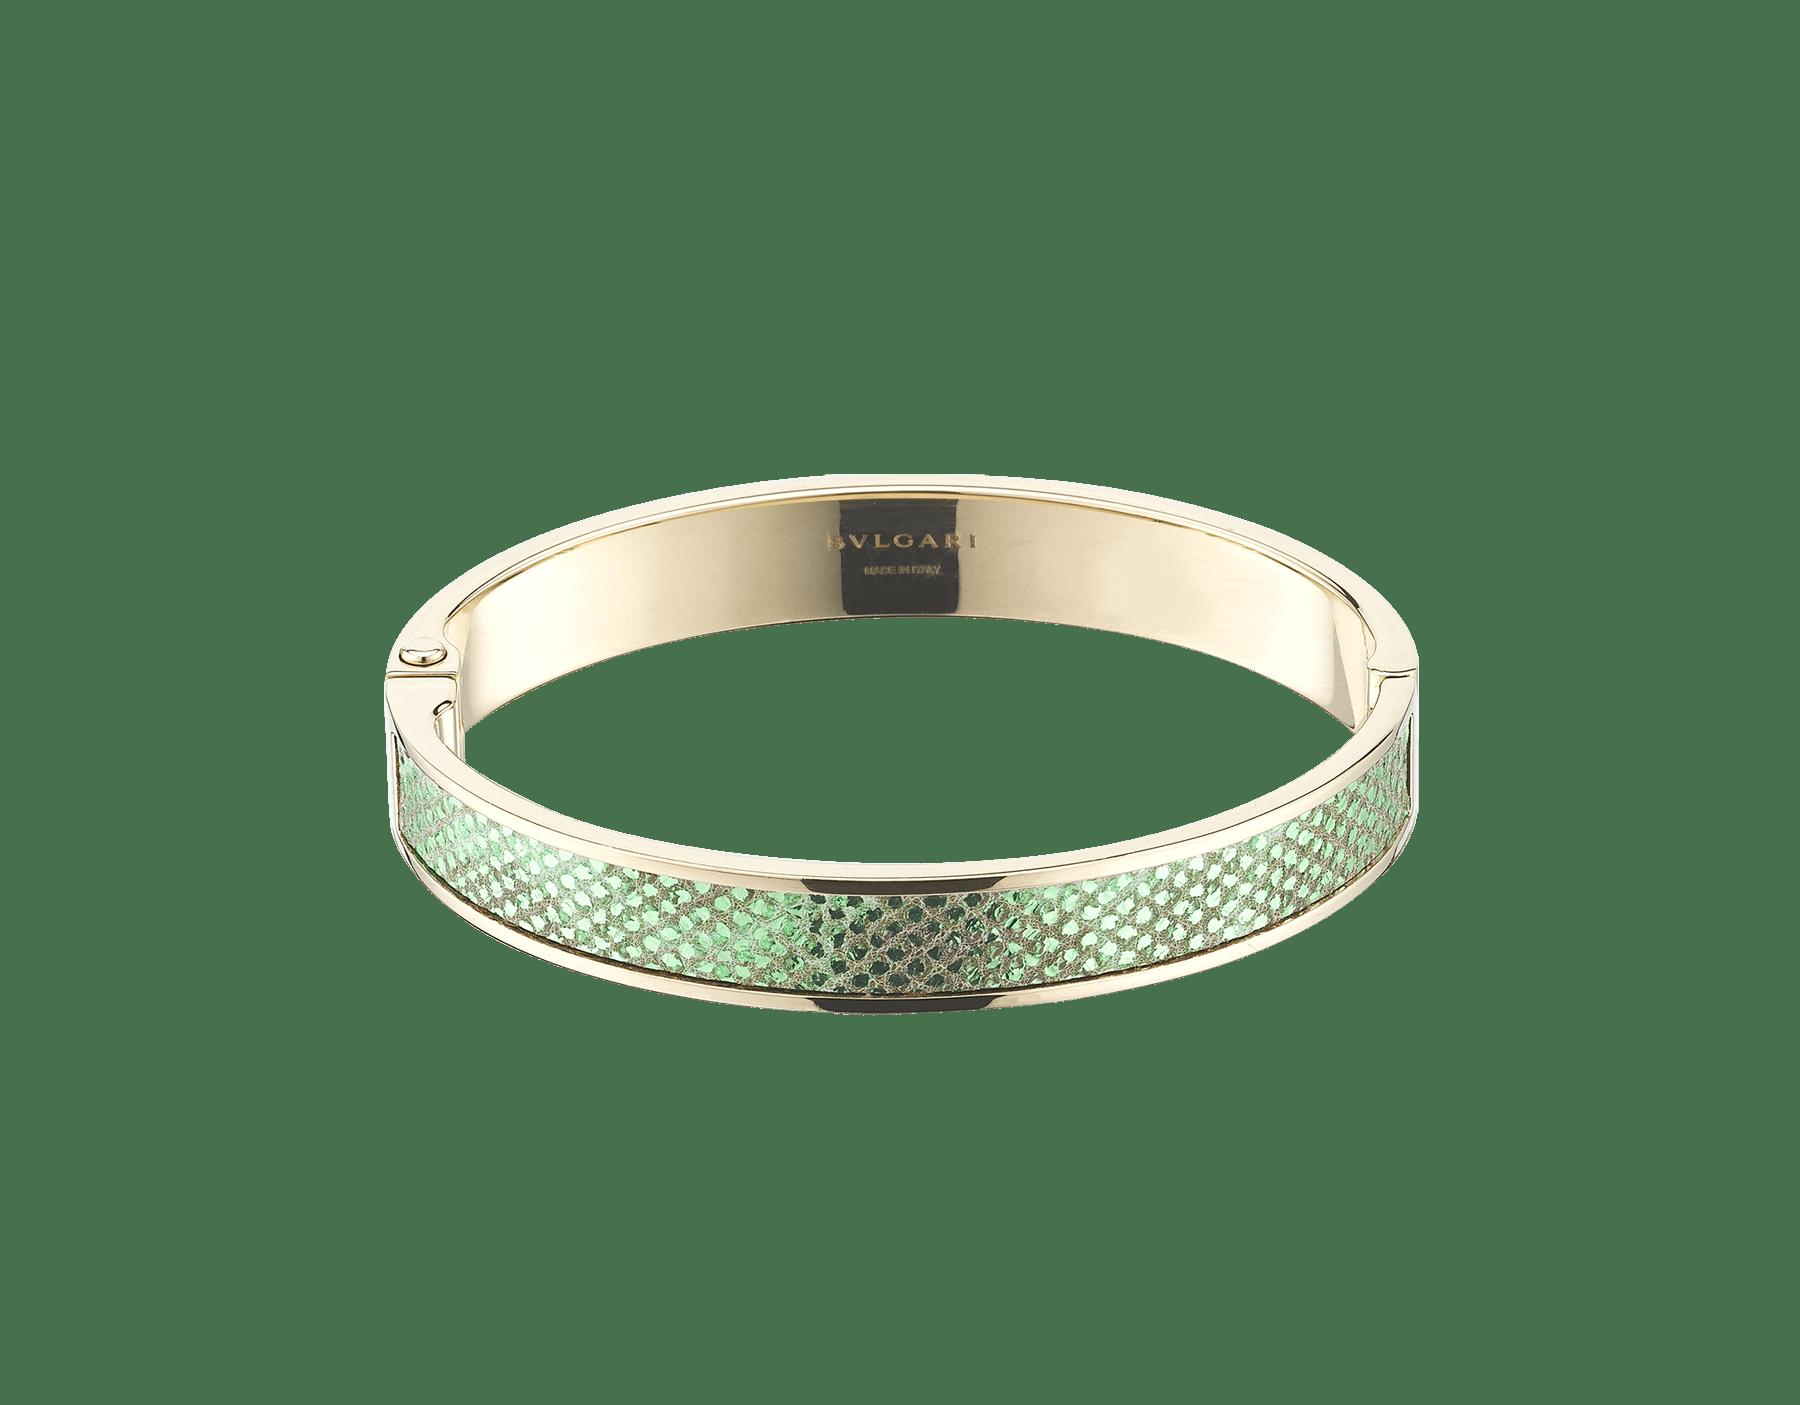 Nouveau bracelet jonc BVLGARI BVLGARI en or rehaussé d'un élément en karung métallisé couleur menthe ainsi que d'un fermoir à charnière orné du logo BVLGARI. Gravure logo à l'intérieur. HINGEBBBRACLT-MK-M image 1